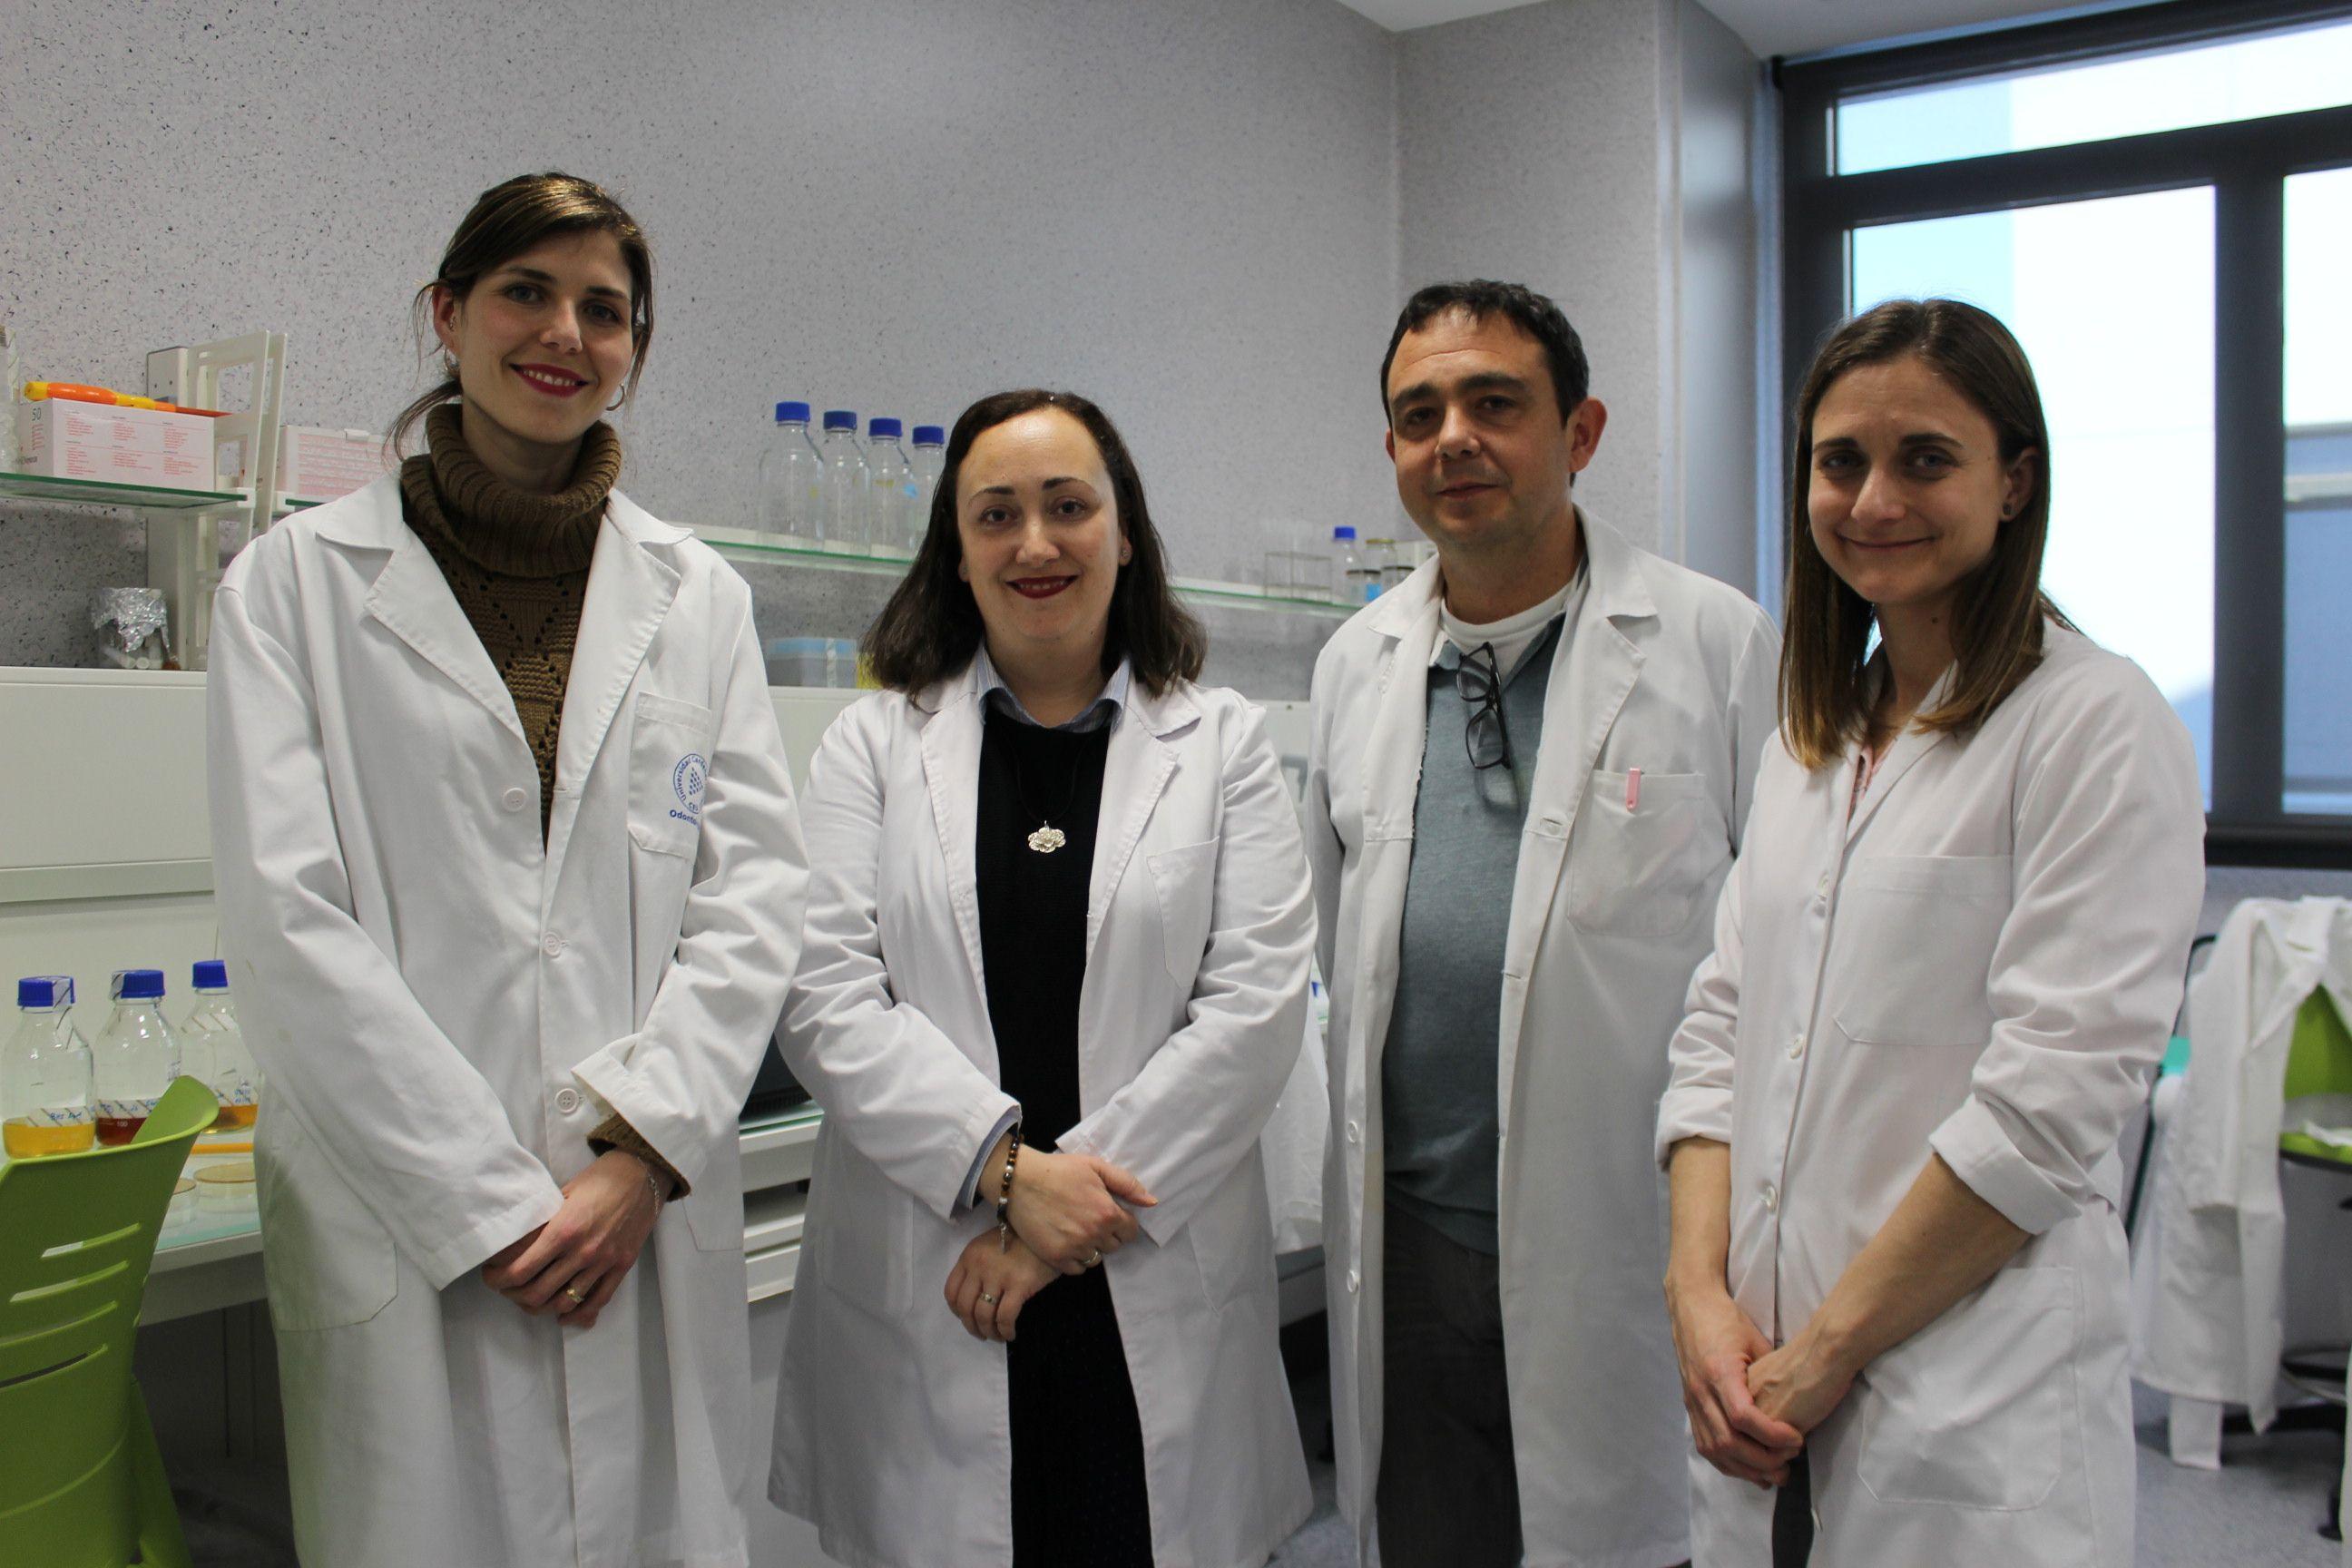 Los investigadores Claudia Ortiz, Verónica Veses, José Antonio García Bautista y María del Mar Jovani, autores del estudio sobre las manchas negras en la placa dental, en los laboratorios de la CEU UCH.